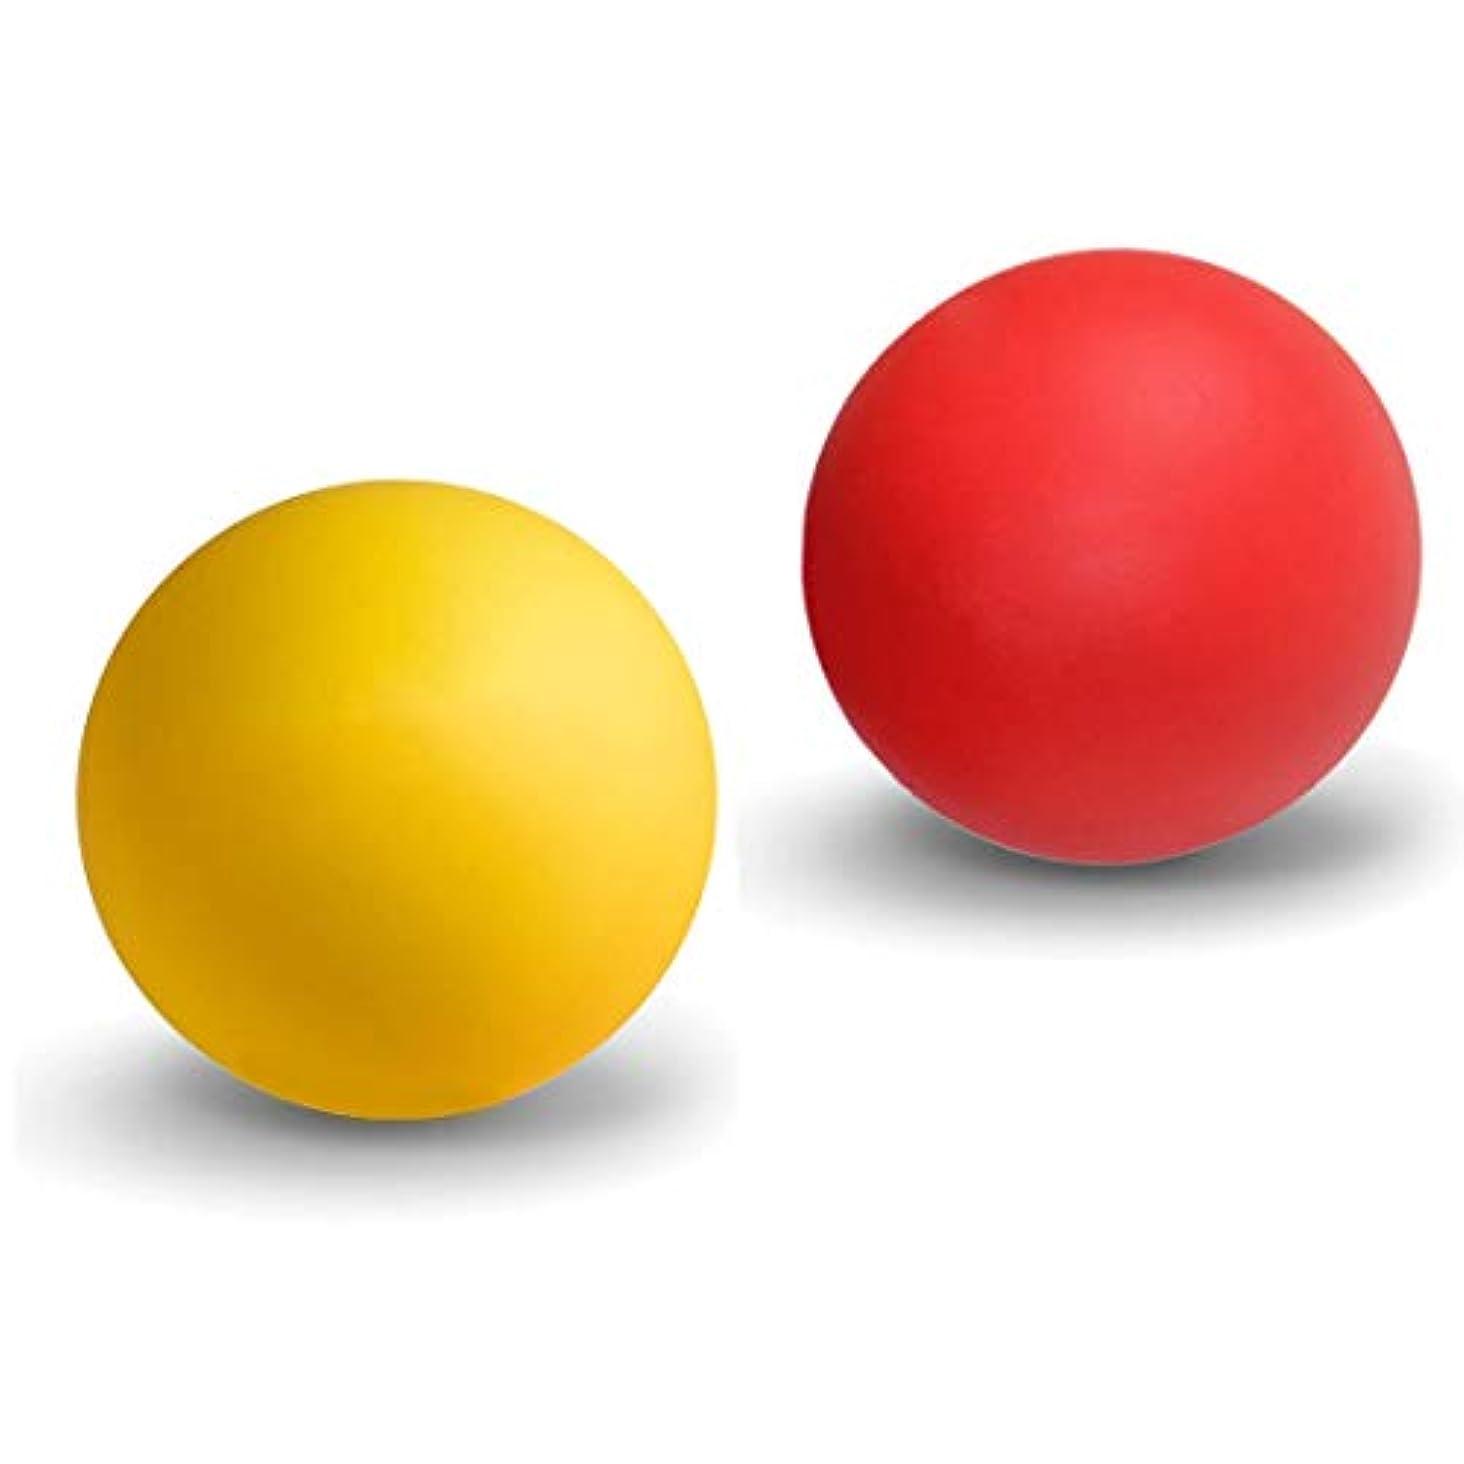 発言する元に戻す振り向くマッサージボール ストレッチボール トリガーポイント ラクロスボール 筋膜リリース トレーニング 指圧ボールマッスルマッサージボール 背中 肩こり 腰 ふくらはぎ 足裏 ツボ押しグッズ 2で1組み合わせ 2個 セット